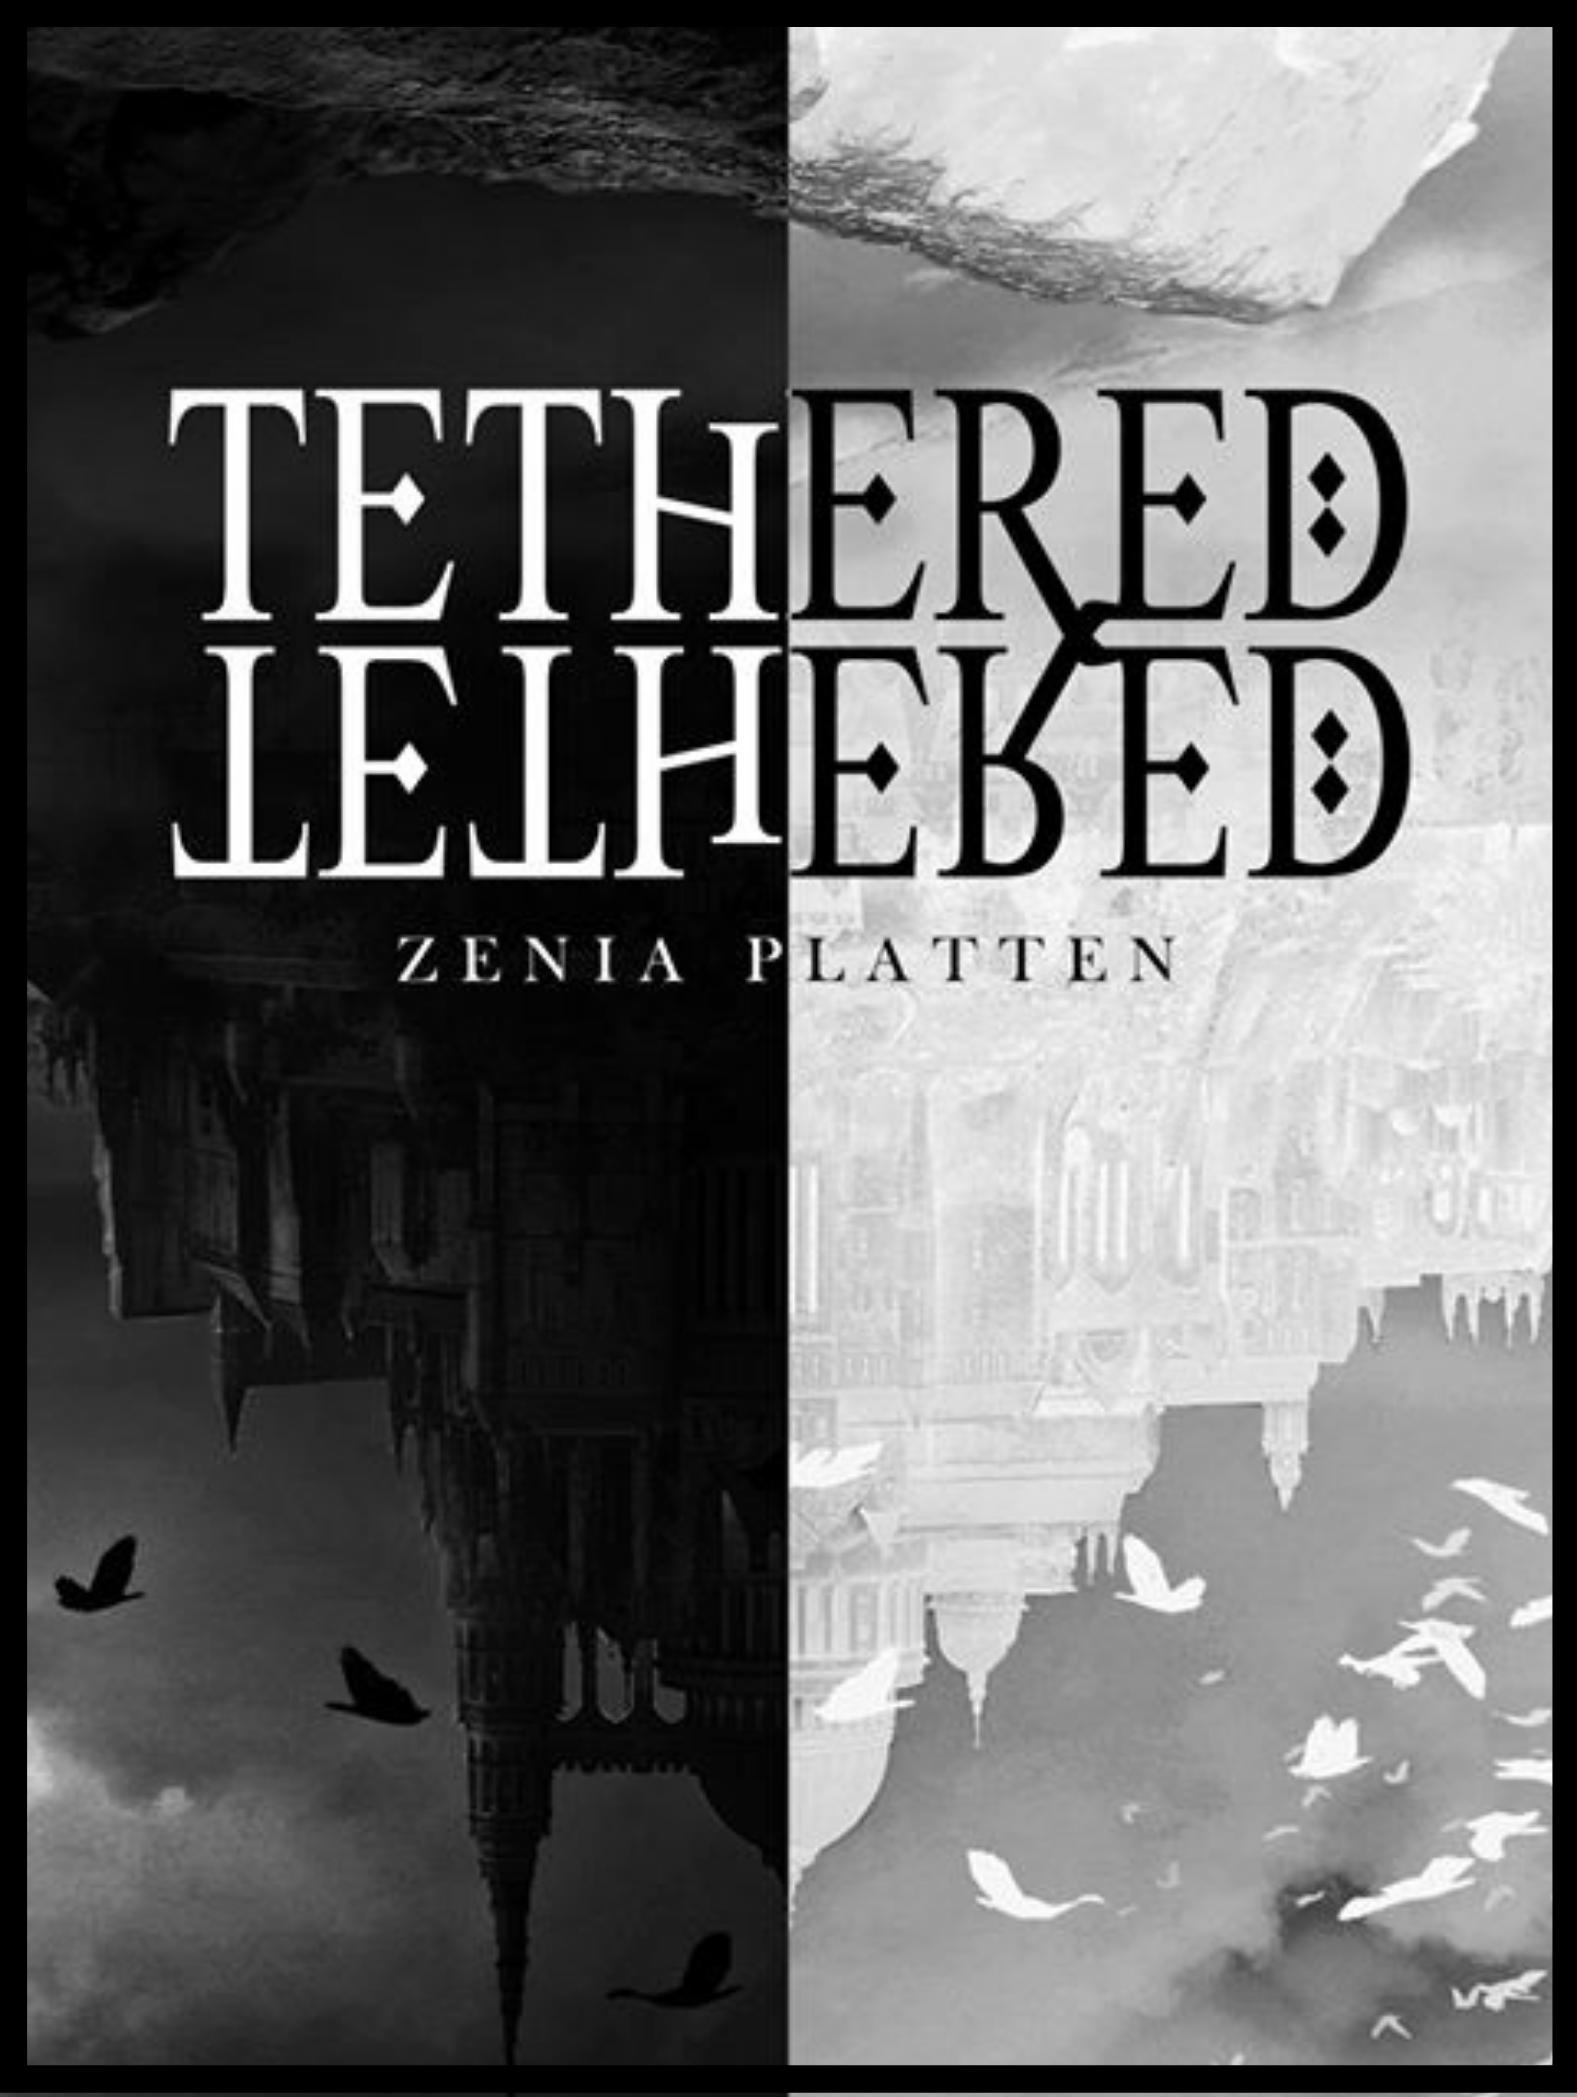 Tethered by Zenia Platten